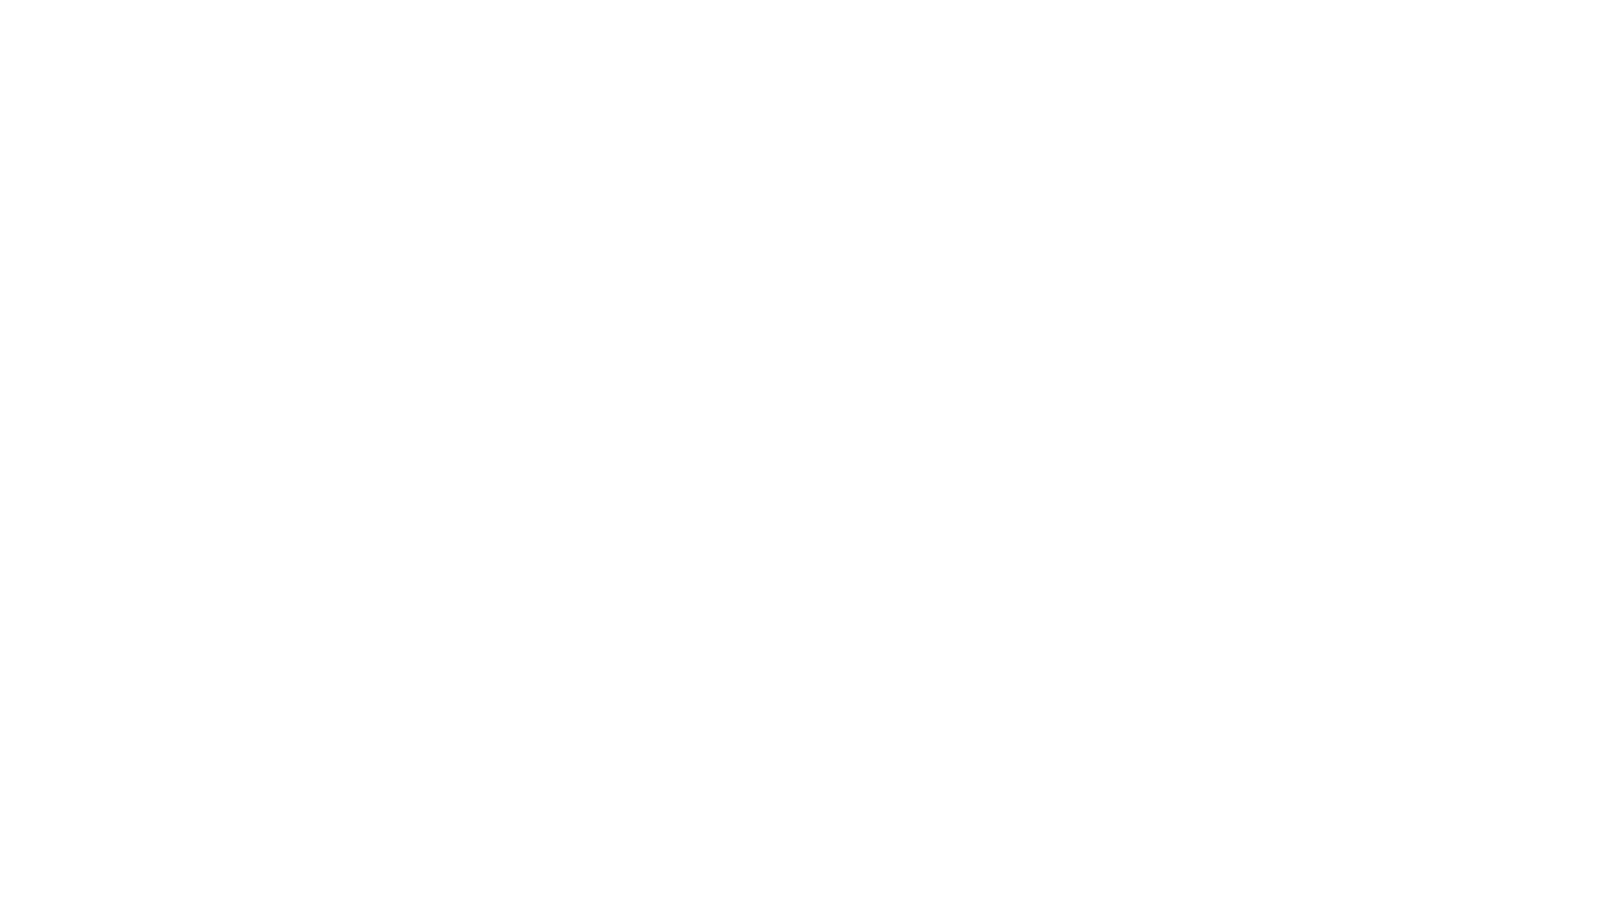 Unsere Autos wurden beschriftet und sind jetzt schon von weitem erkennbar 😎   Nähere Informationen zu Meier Handwerkerbedarf:  Meier Handwerkerbedarf GbR Technologiepark 5 91522 Ansbach  Telefon: 0981/466377-0  Mail:  info@meier-handwerkerbedarf.de  Homepage: http://www.meier-handwerkerbedarf.de  Facebook: https://www.facebook.com/meierhandwerkerbedarf/  YouTube:  https://m.youtube.com/channel/UC7bRn-82T9fzwkoFBS9kWPQ/videos?view_as=subscriber   Musik: Back to 1987